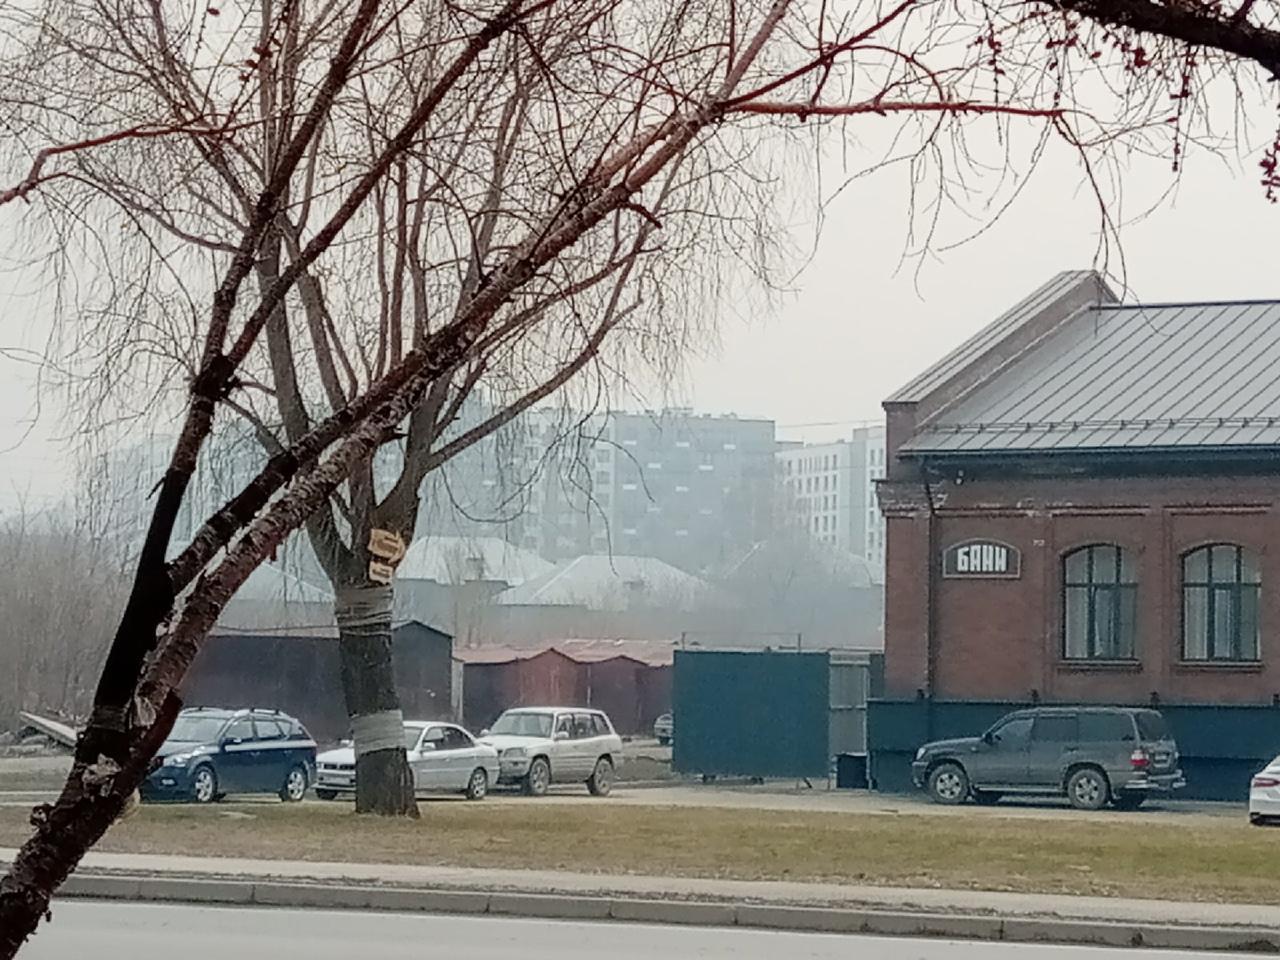 фото «Пыль столбом стоит – штрафовать нужно за такое»: 10 фото утонувшего в дыму Новосибирска 2